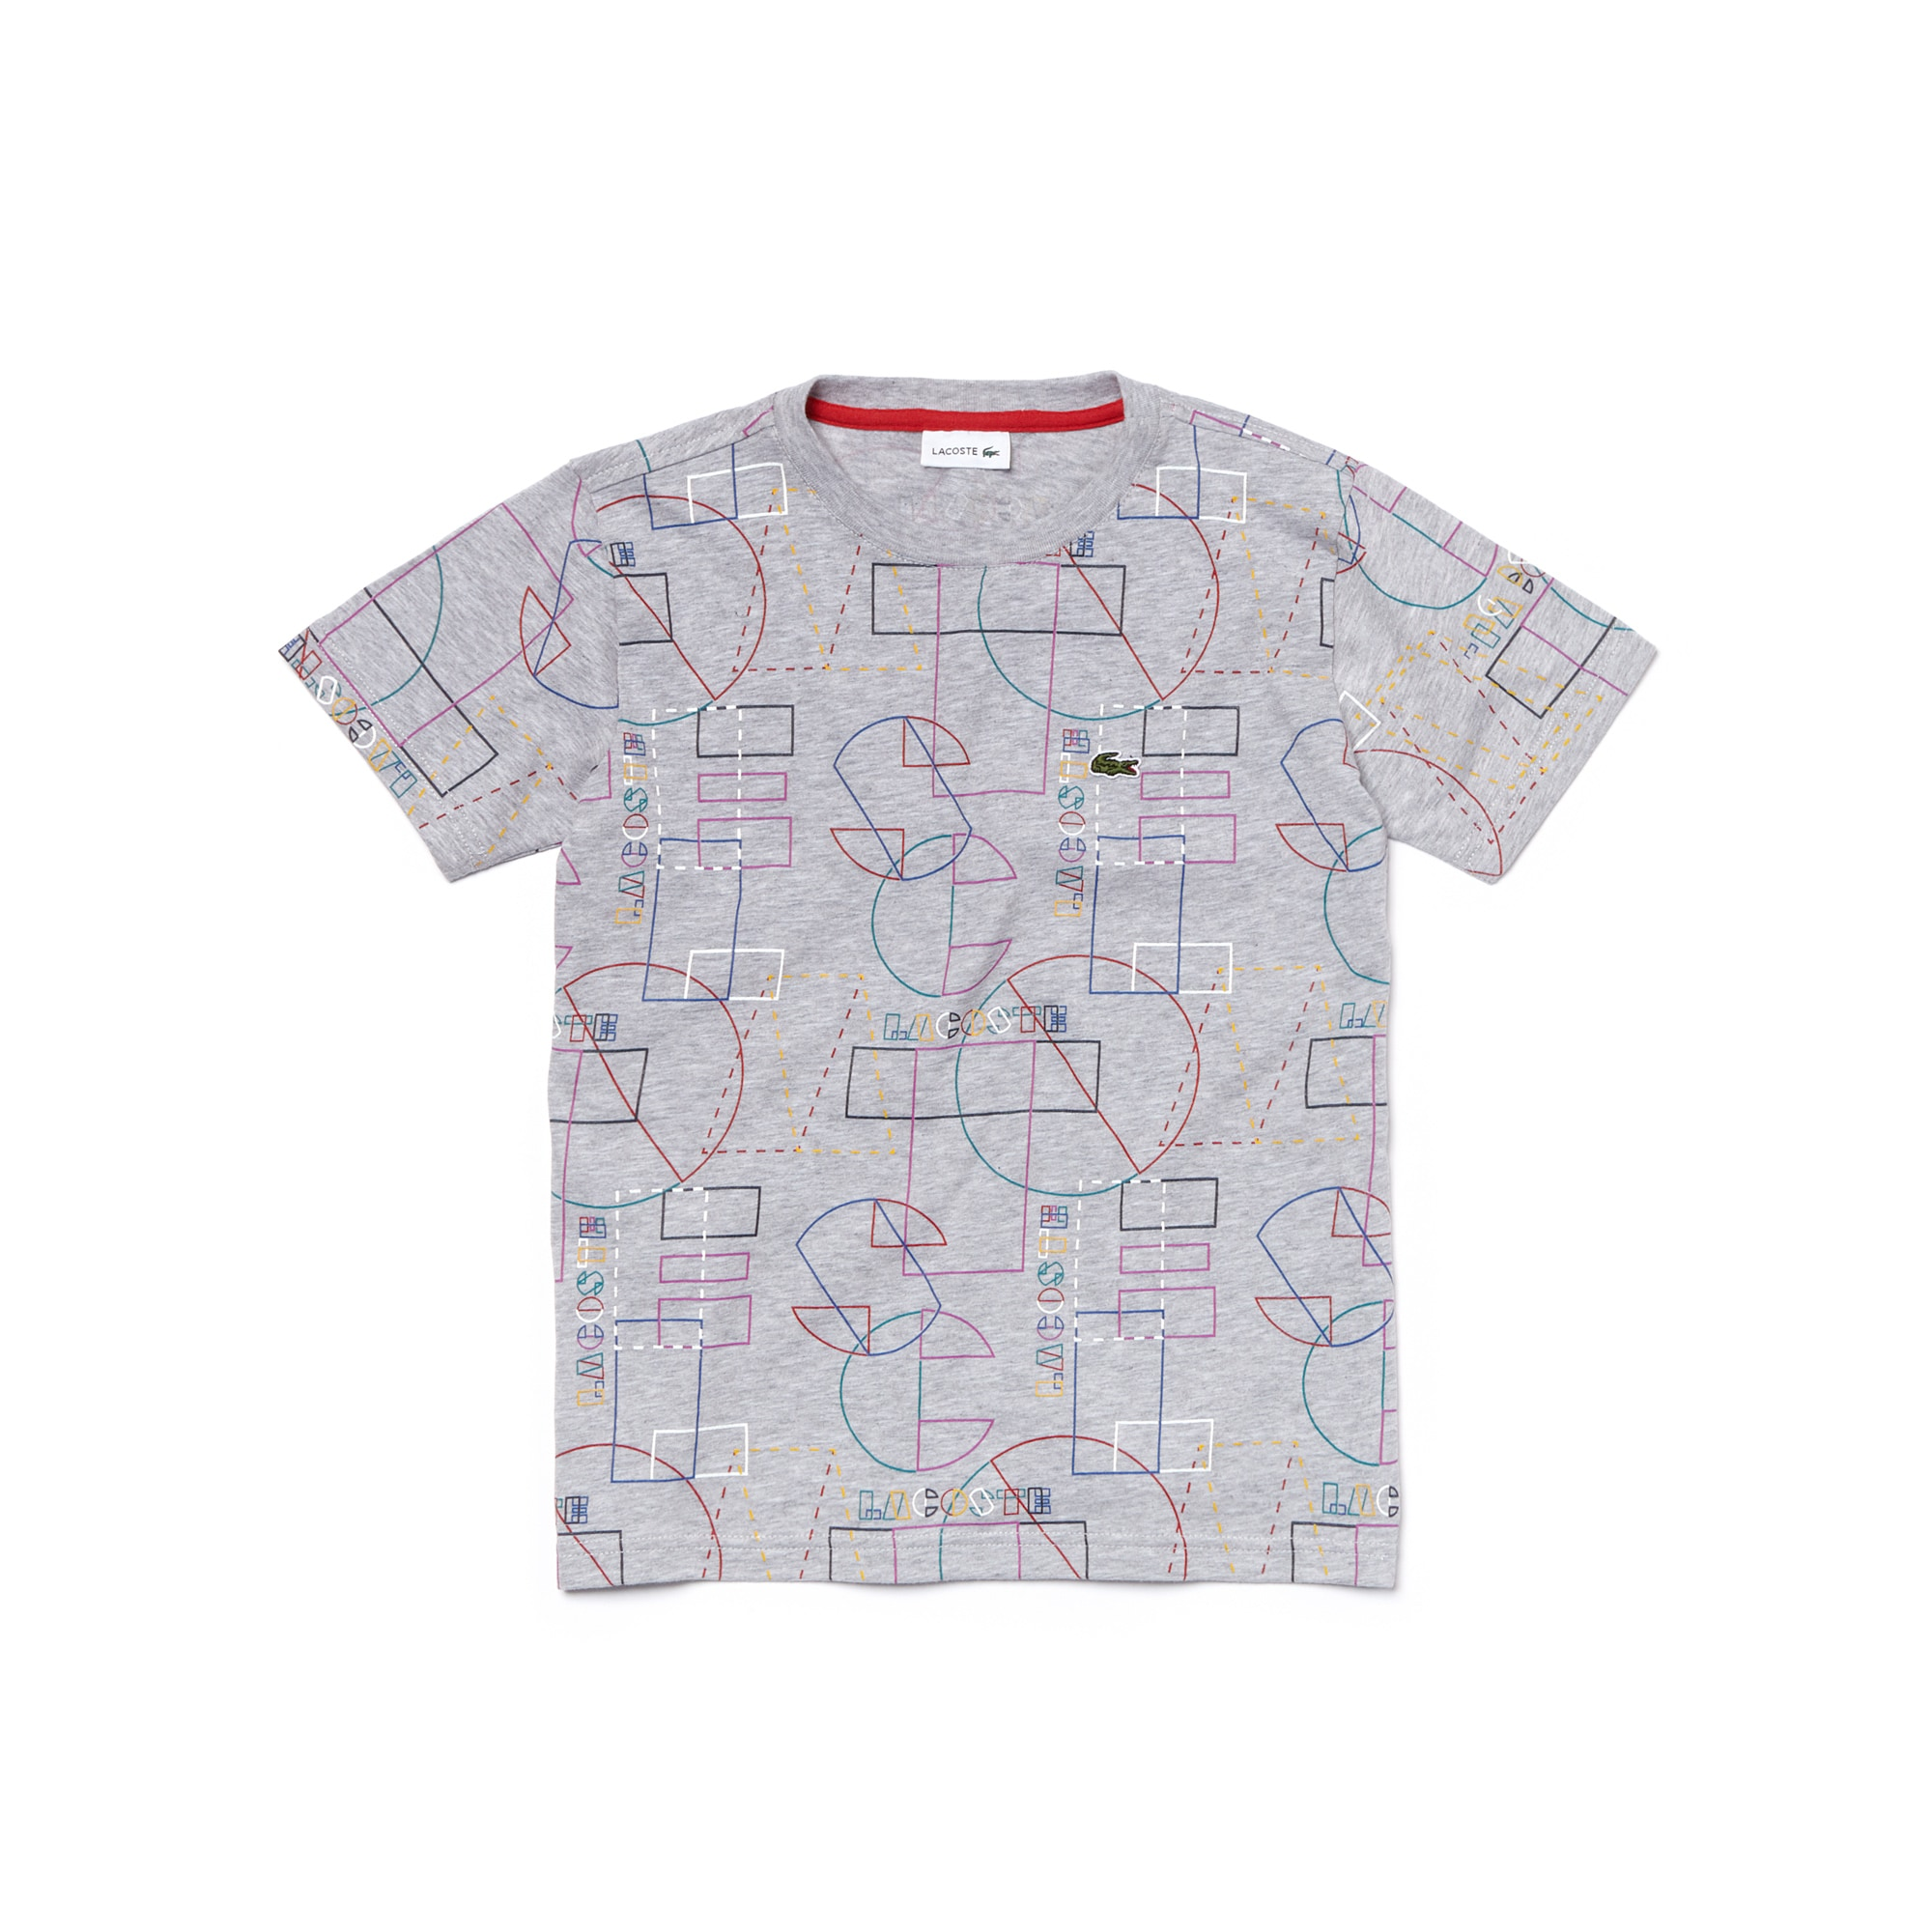 T-shirt Garçon col rond en jersey de coton imprimé géométrique